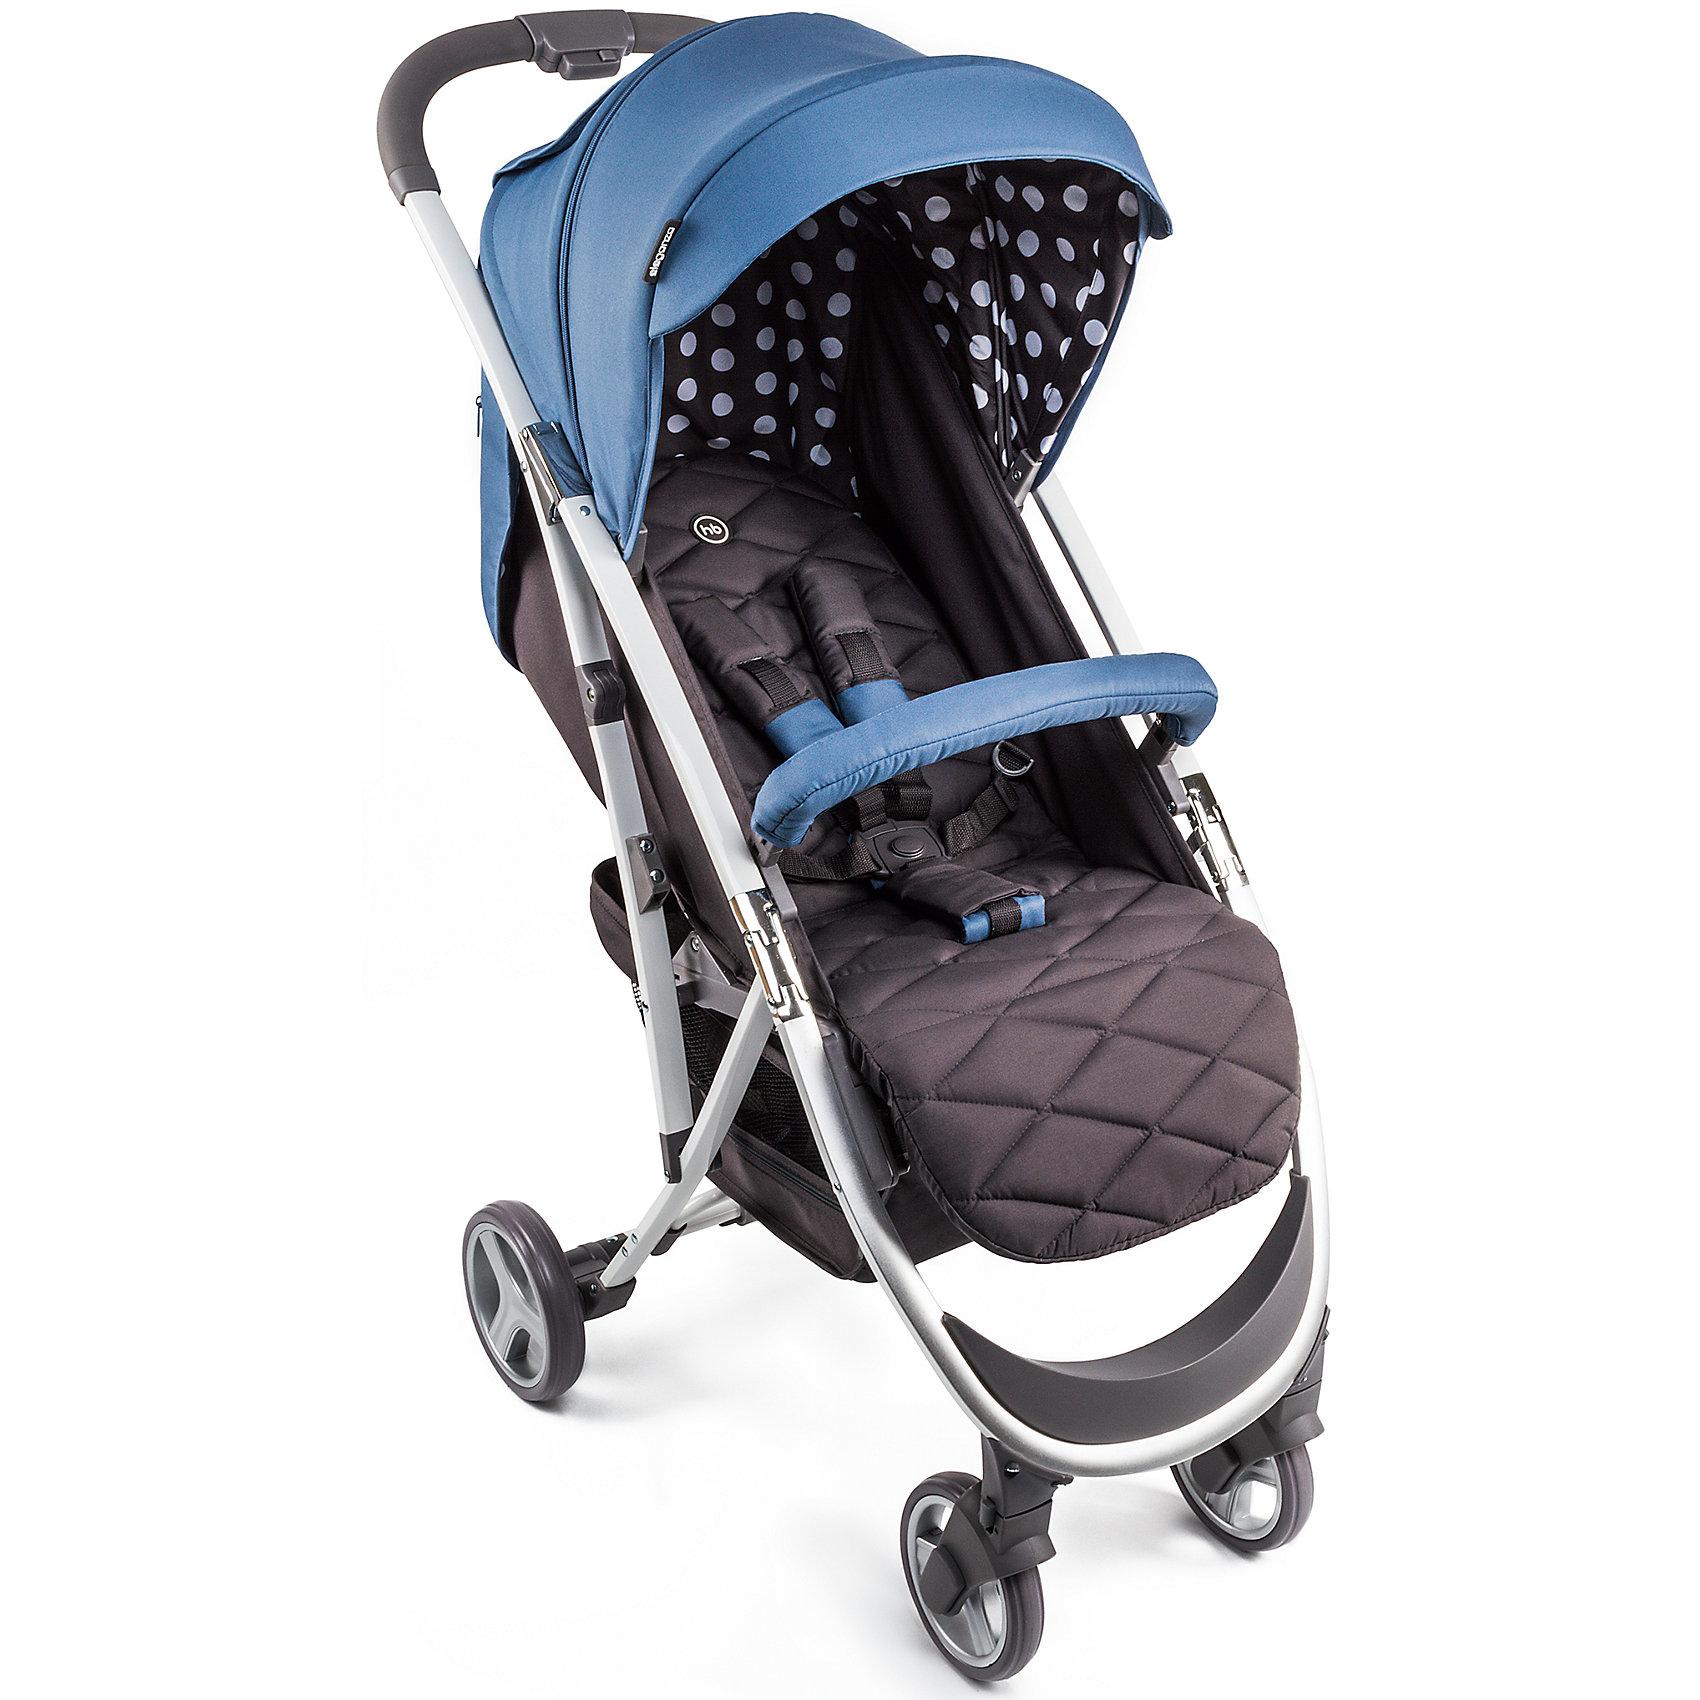 Прогулочная коляска Happy Baby Eleganza V2, синийПрогулочные коляски<br>Характеристики:<br><br>• регулируемое положение спинки коляски, угол наклона 170 градусов;<br>• регулируемое положение подножки;<br>• защитный бампер отводится в сторону;<br>• 5-ти точечные ремни безопасности;<br>• на бампере имеется съемный чехол на молнии;<br>• капюшон с дополнительной секцией;<br>• капюшон оснащен солнцезащитным козырьком и смотровым клеенчатым окошком под клапаном;<br>• карман для мелочей;<br>• передние поворотные колеса с блокировкой;<br>• задние колеса с рычагом тормоза;<br>• амортизация передних и задних колес;<br>• тип складывания: книжка;<br>• коляска складывается одной рукой;<br>• коляска устойчива в вертикальном положении в сложенном виде;<br>• в комплекте чехол на ножки, дождевик, москитная сетка, инструкция;<br>• материал: алюминий, пластик, полиэстер.<br><br>Размеры: <br><br>• размер коляски: 88х50х107 см;<br>• размер коляски в сложенном виде: 63х50х31 см;<br>• вес коляски: 7,1 кг;<br>• ширина сиденья: 34 см;<br>• глубина сиденья: 22 см;<br>• длина спального места: 86 см;<br>• диаметр колес: 15,2 см, 16,8 см;<br>• допустимая нагрузка: до 15 кг;<br>• размер упаковки: 70х44,5х25 см;<br>• вес в упаковке: 8,9 кг.<br><br>Прогулочную коляску Happy Baby Eleganza V2, можно купить в нашем интернет-магазине.<br><br>Ширина мм: 250<br>Глубина мм: 445<br>Высота мм: 700<br>Вес г: 8900<br>Цвет: синий<br>Возраст от месяцев: 7<br>Возраст до месяцев: 36<br>Пол: Унисекс<br>Возраст: Детский<br>SKU: 6681552